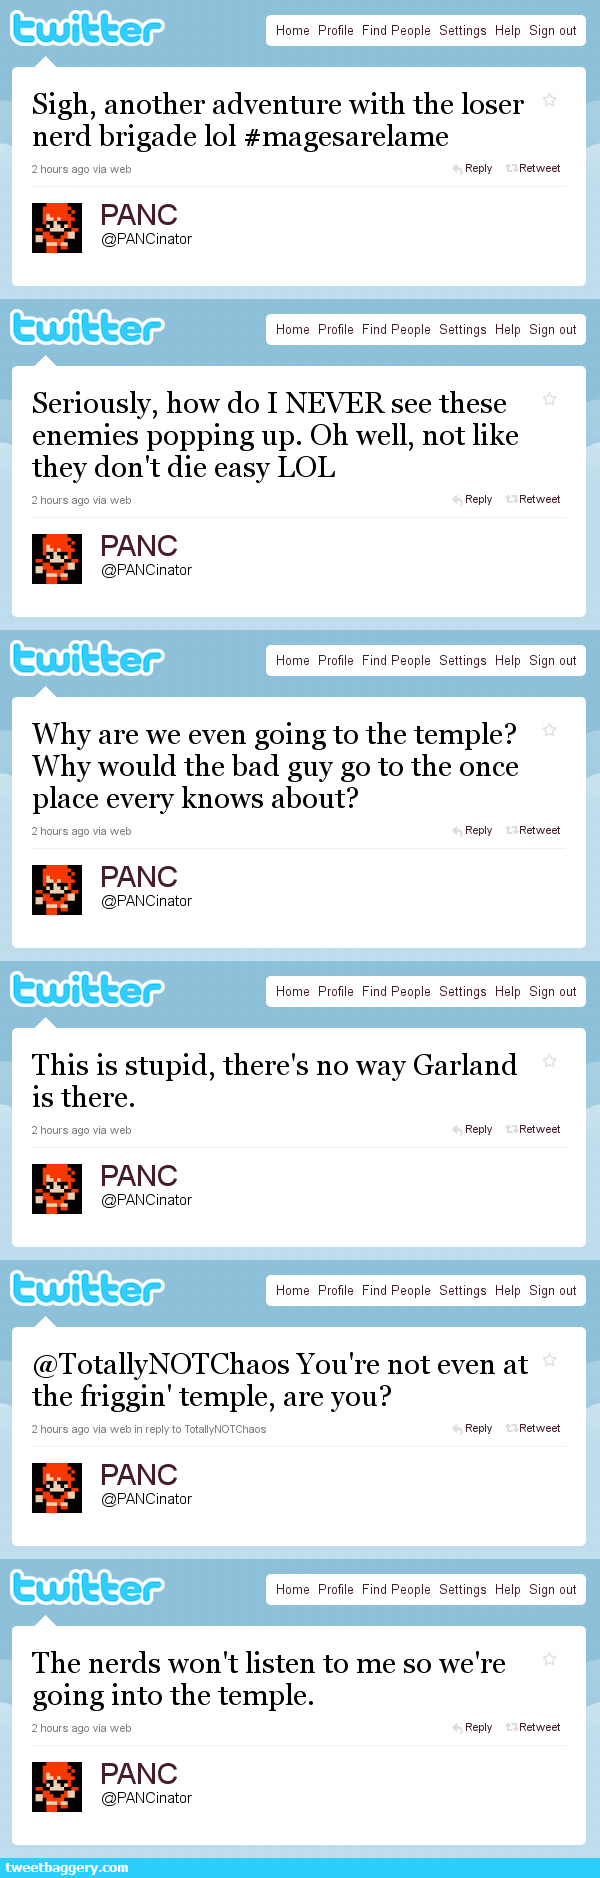 PANCtweets1